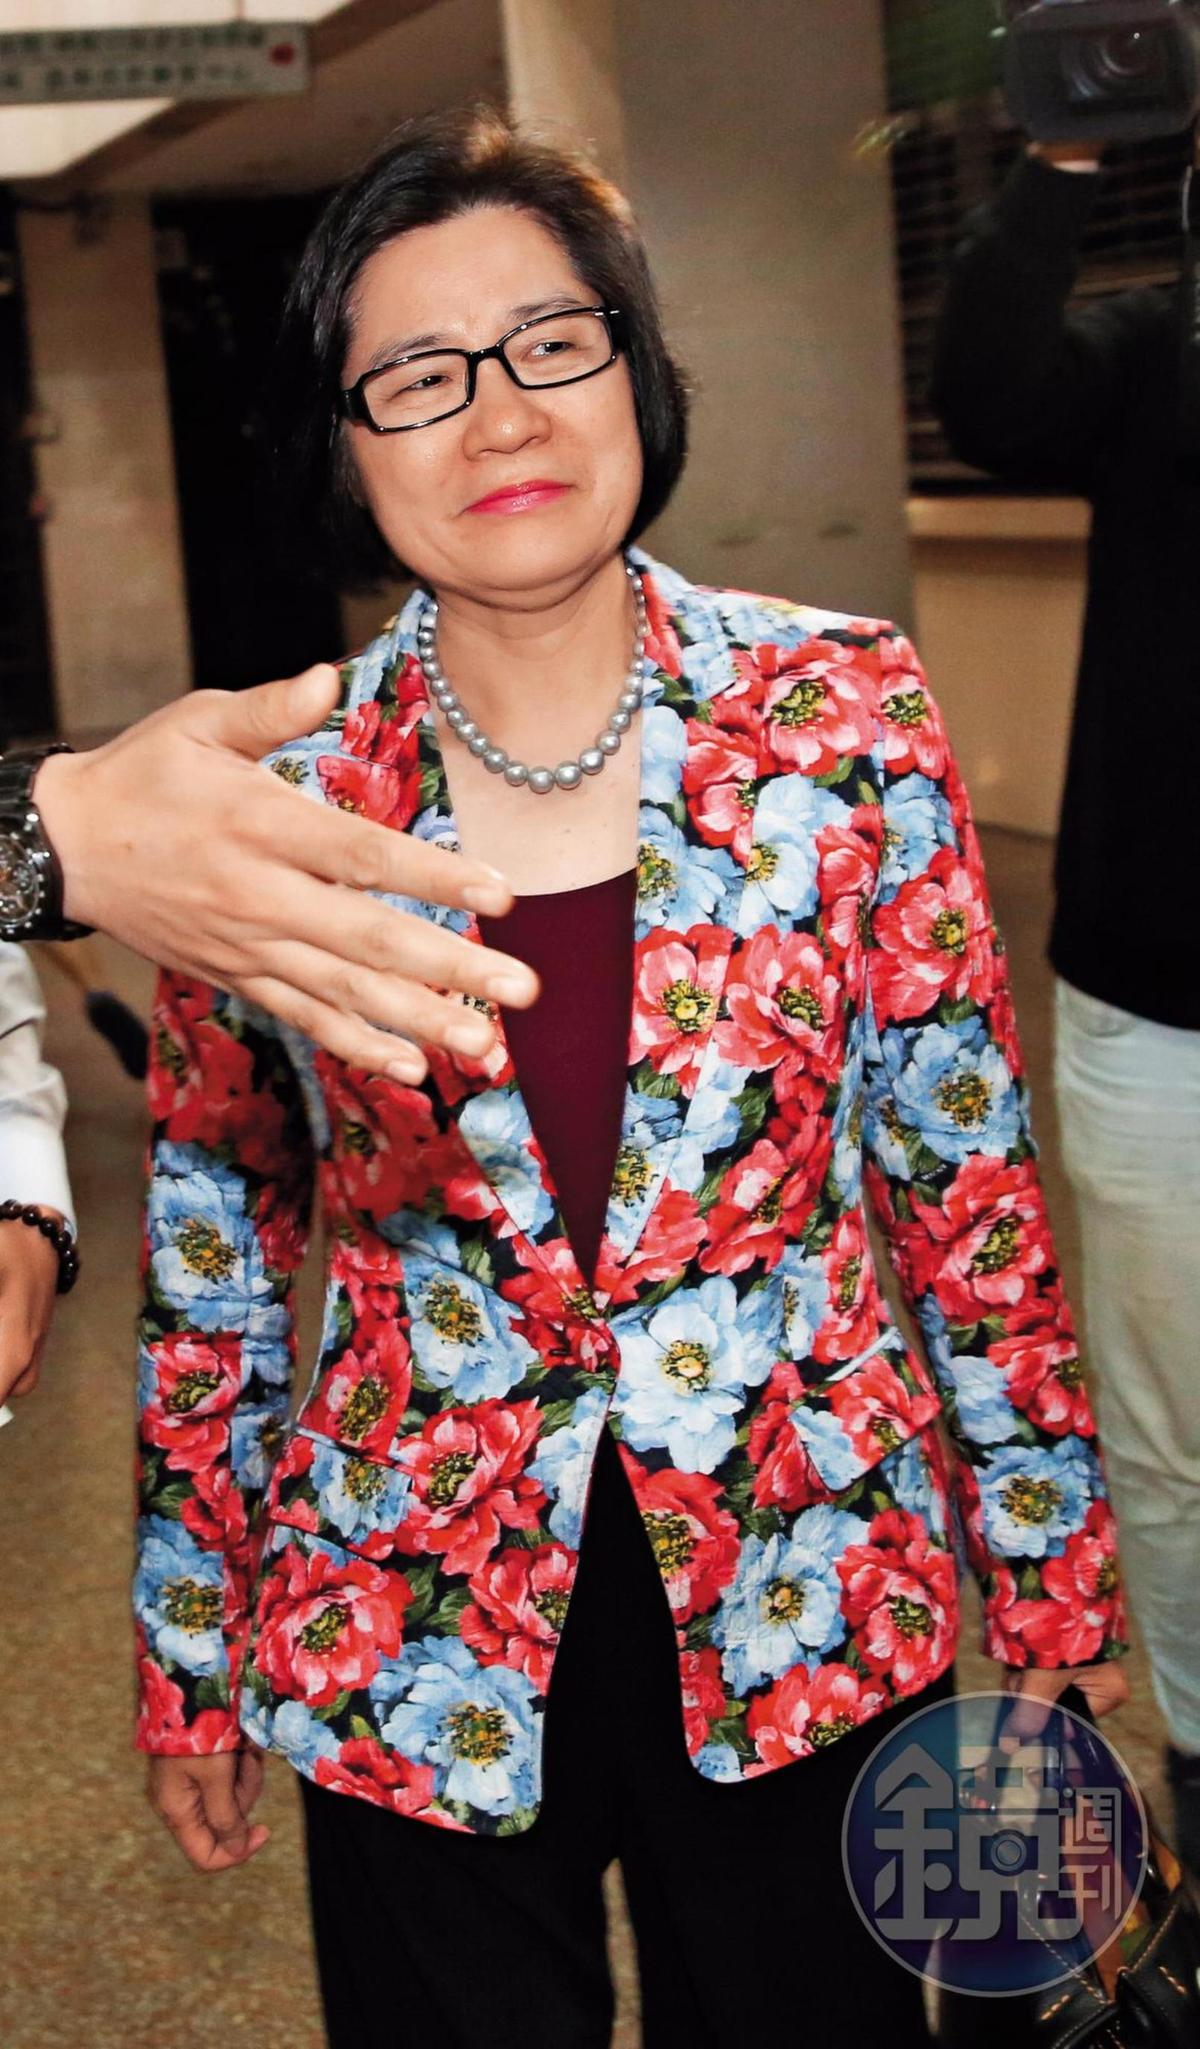 昔有股市金釵之稱的誠美材副董葉美麗(圖),利用子公司茂豐資金大買她擔任大股東的郡宏光電股票,涉及關係人交易。